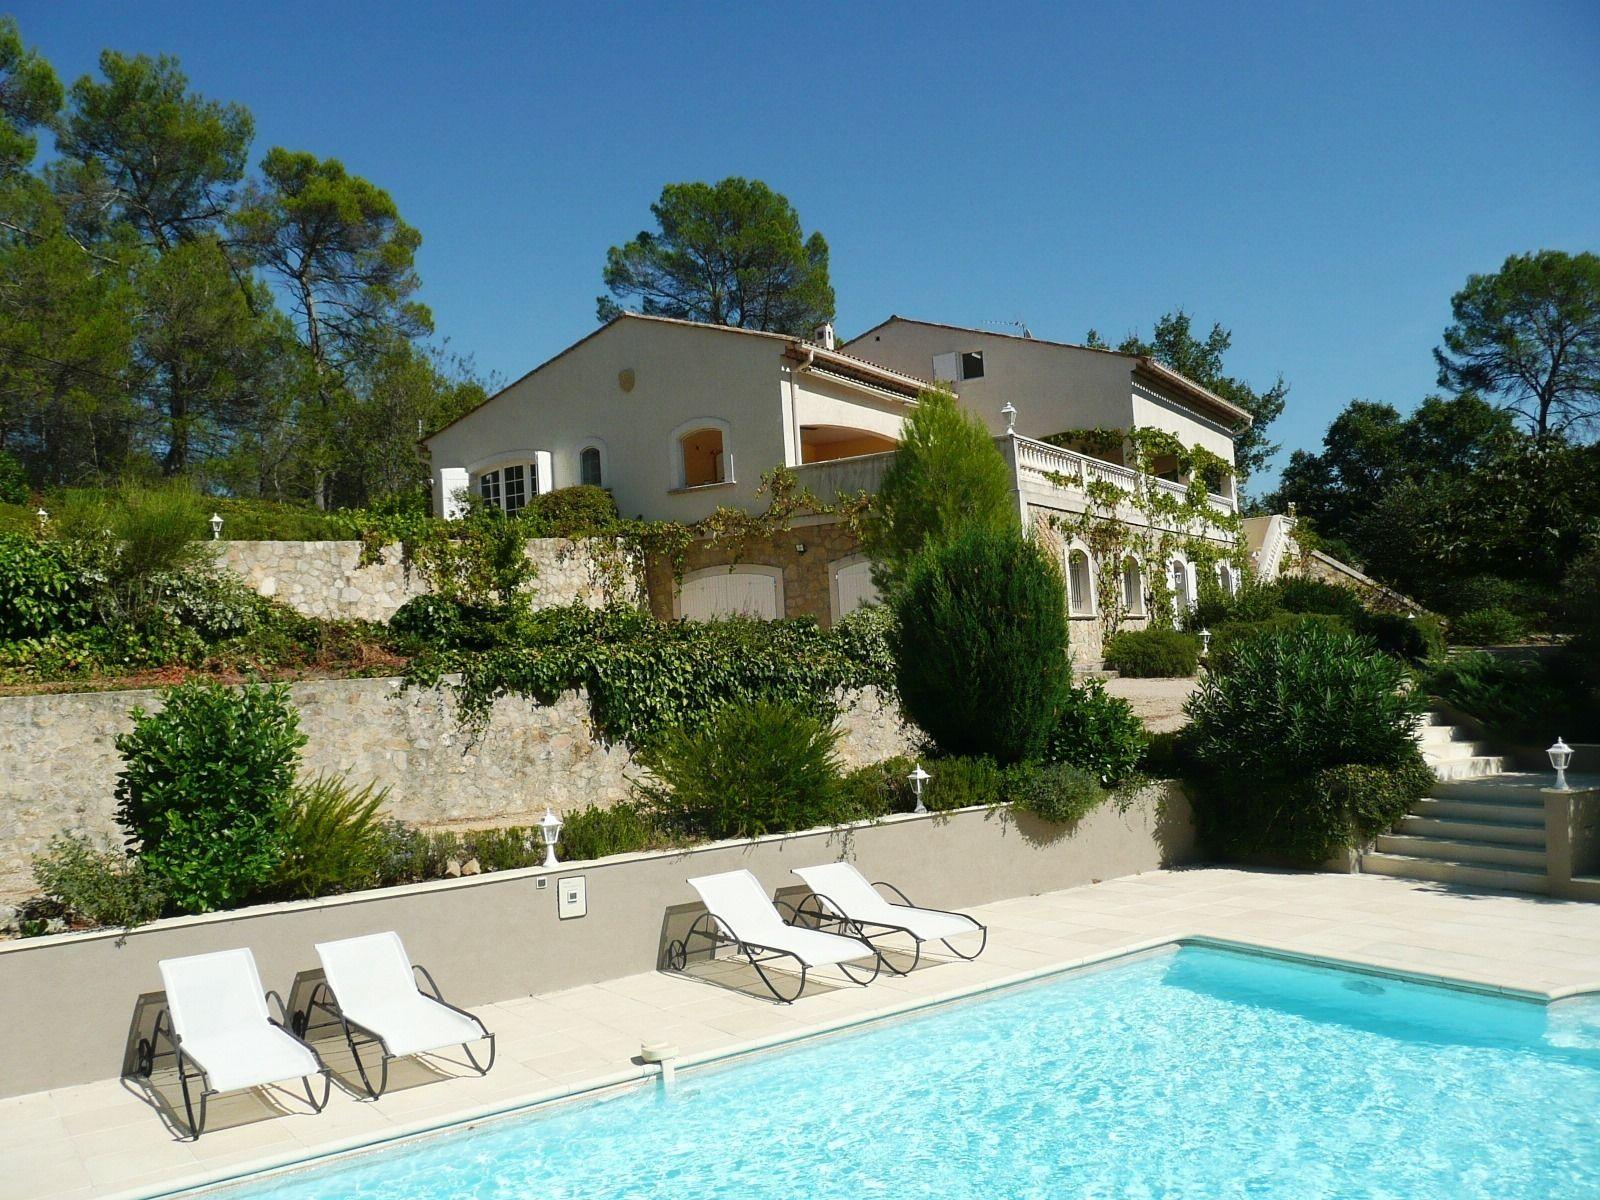 Afbeelding van Villa du Jean - groot vakantiehuis met zwembad in Frankrijk